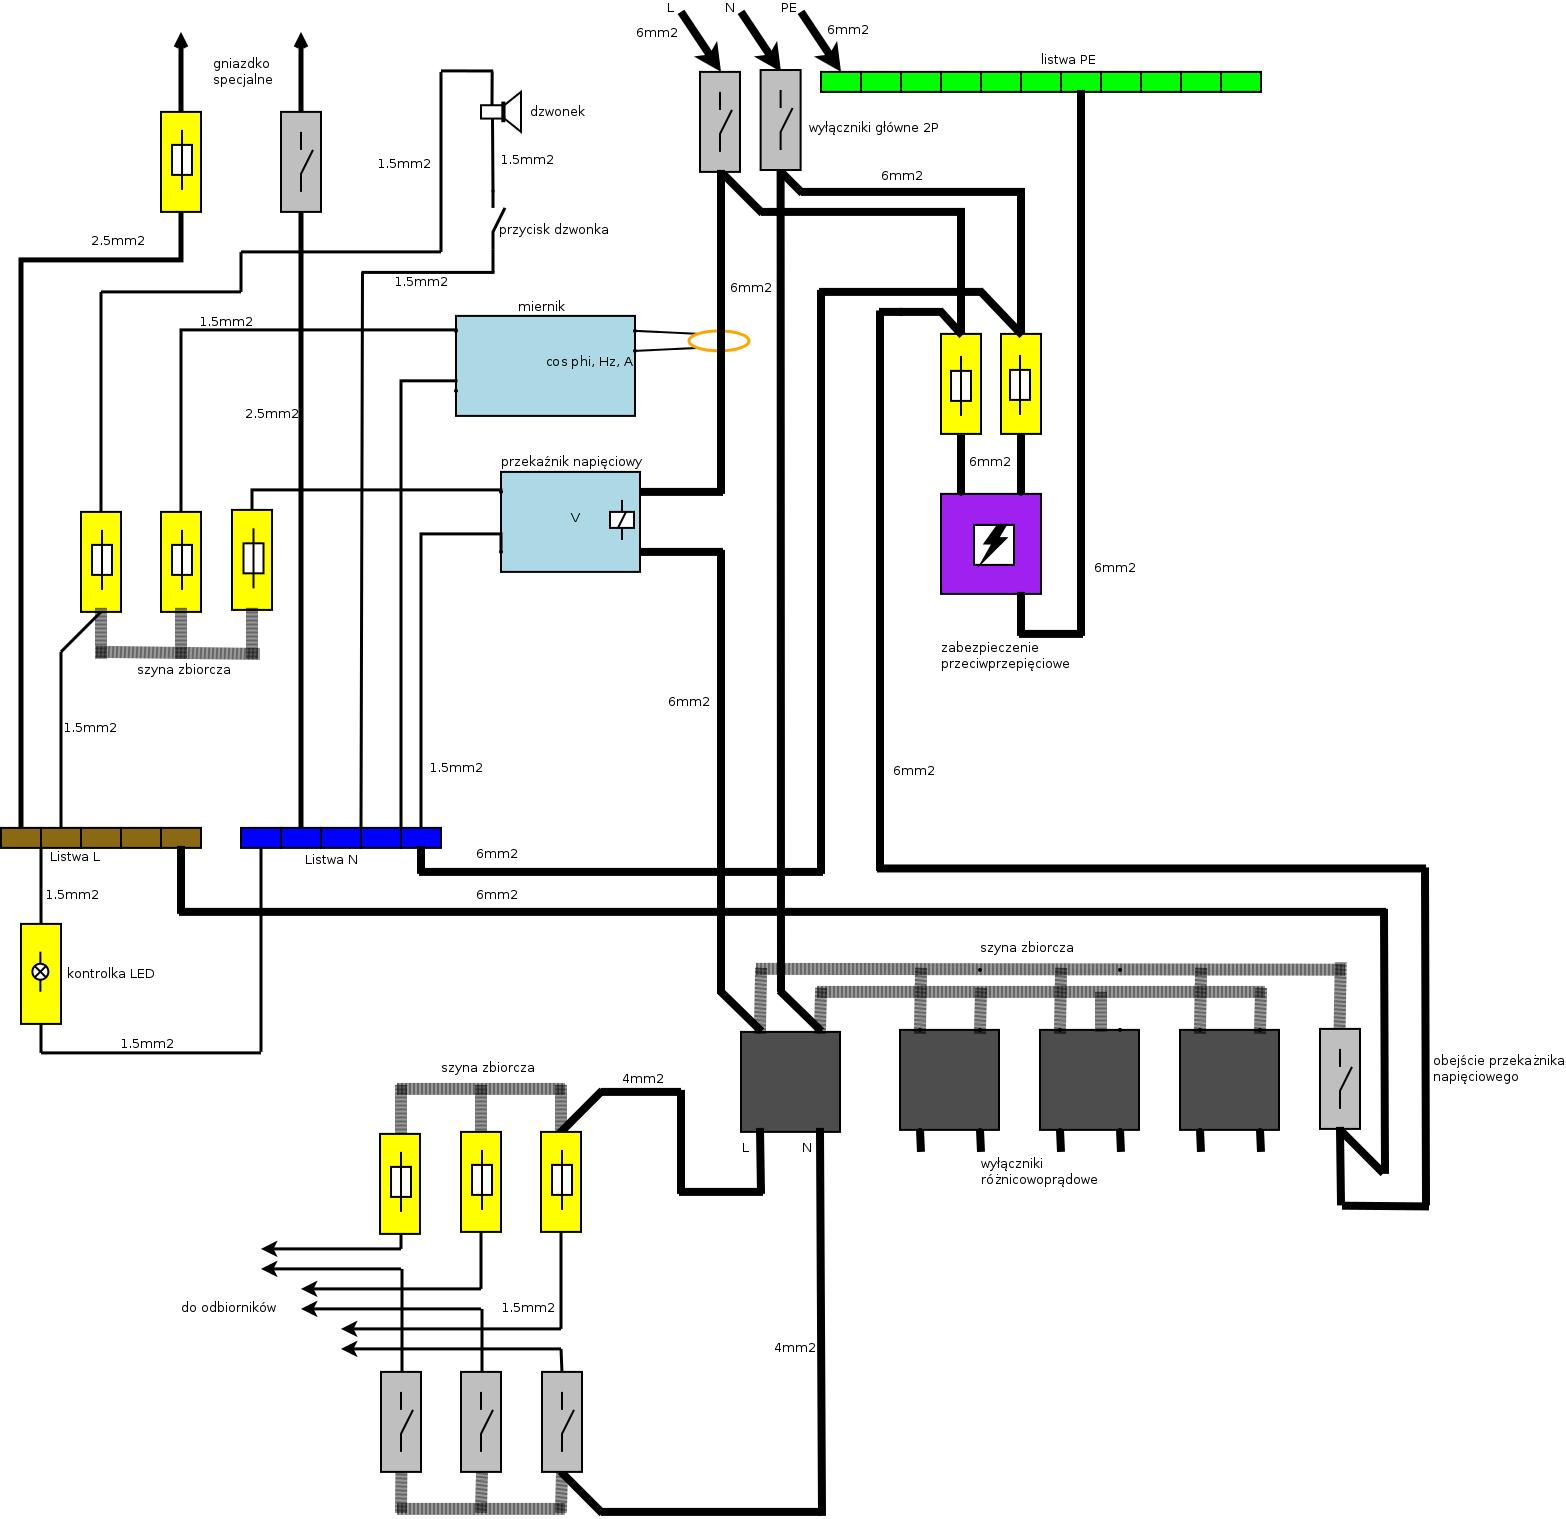 Jackiewiczowie Skrzynka elektryczna z bezpiecznikami i zabezpieczeniami anty   -> Kuchnia Elektryczna Schemat Podlączenia